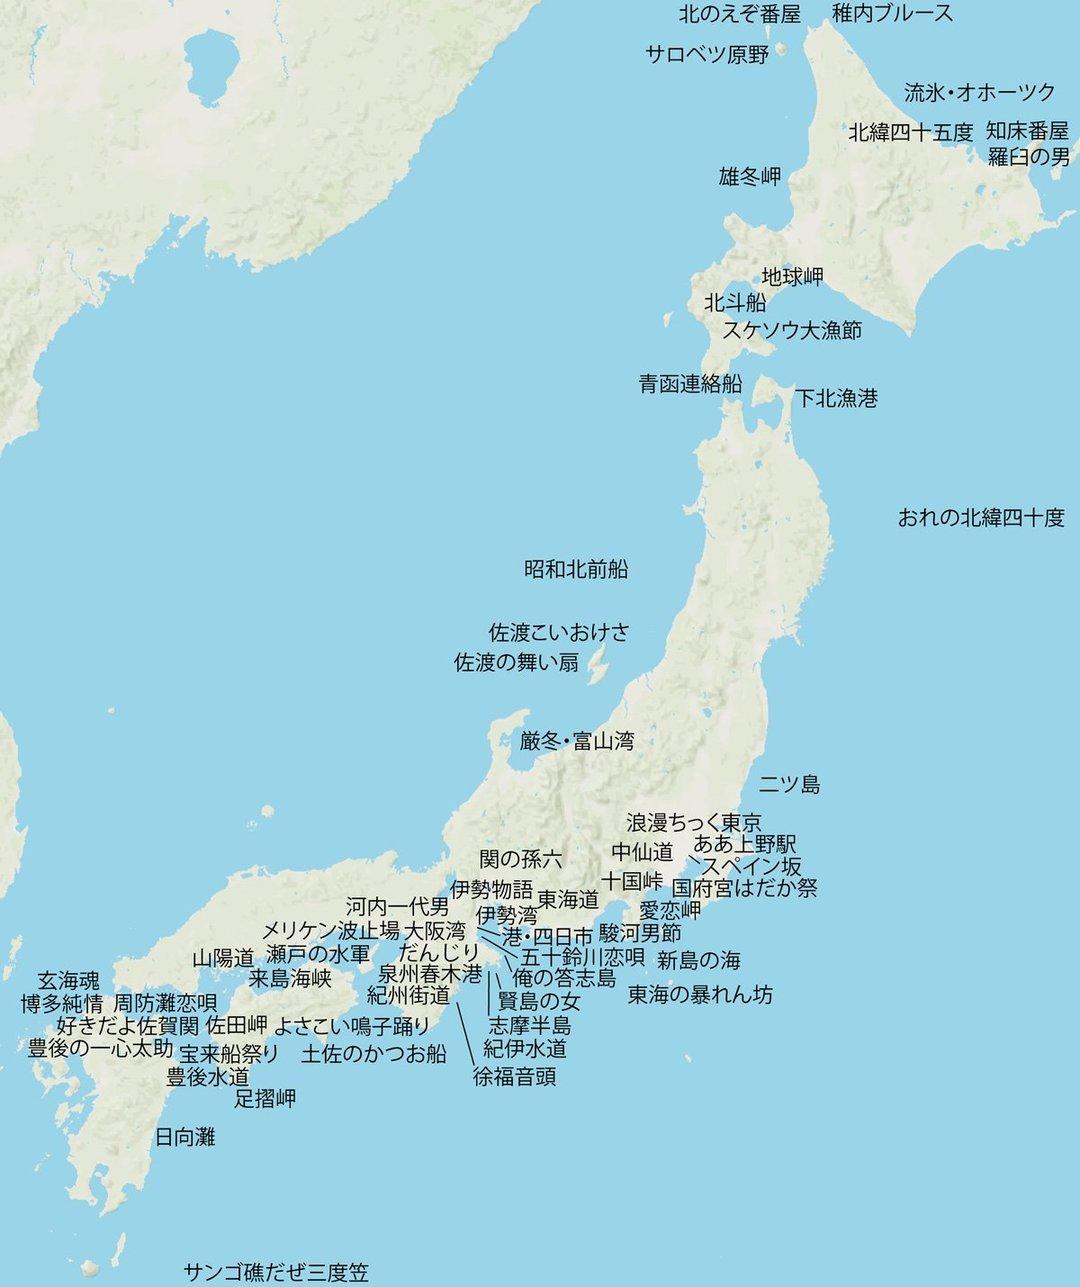 「津軽海峡」「襟裳岬」「天城越え」<br />演歌のモチーフがいつも地名である理由